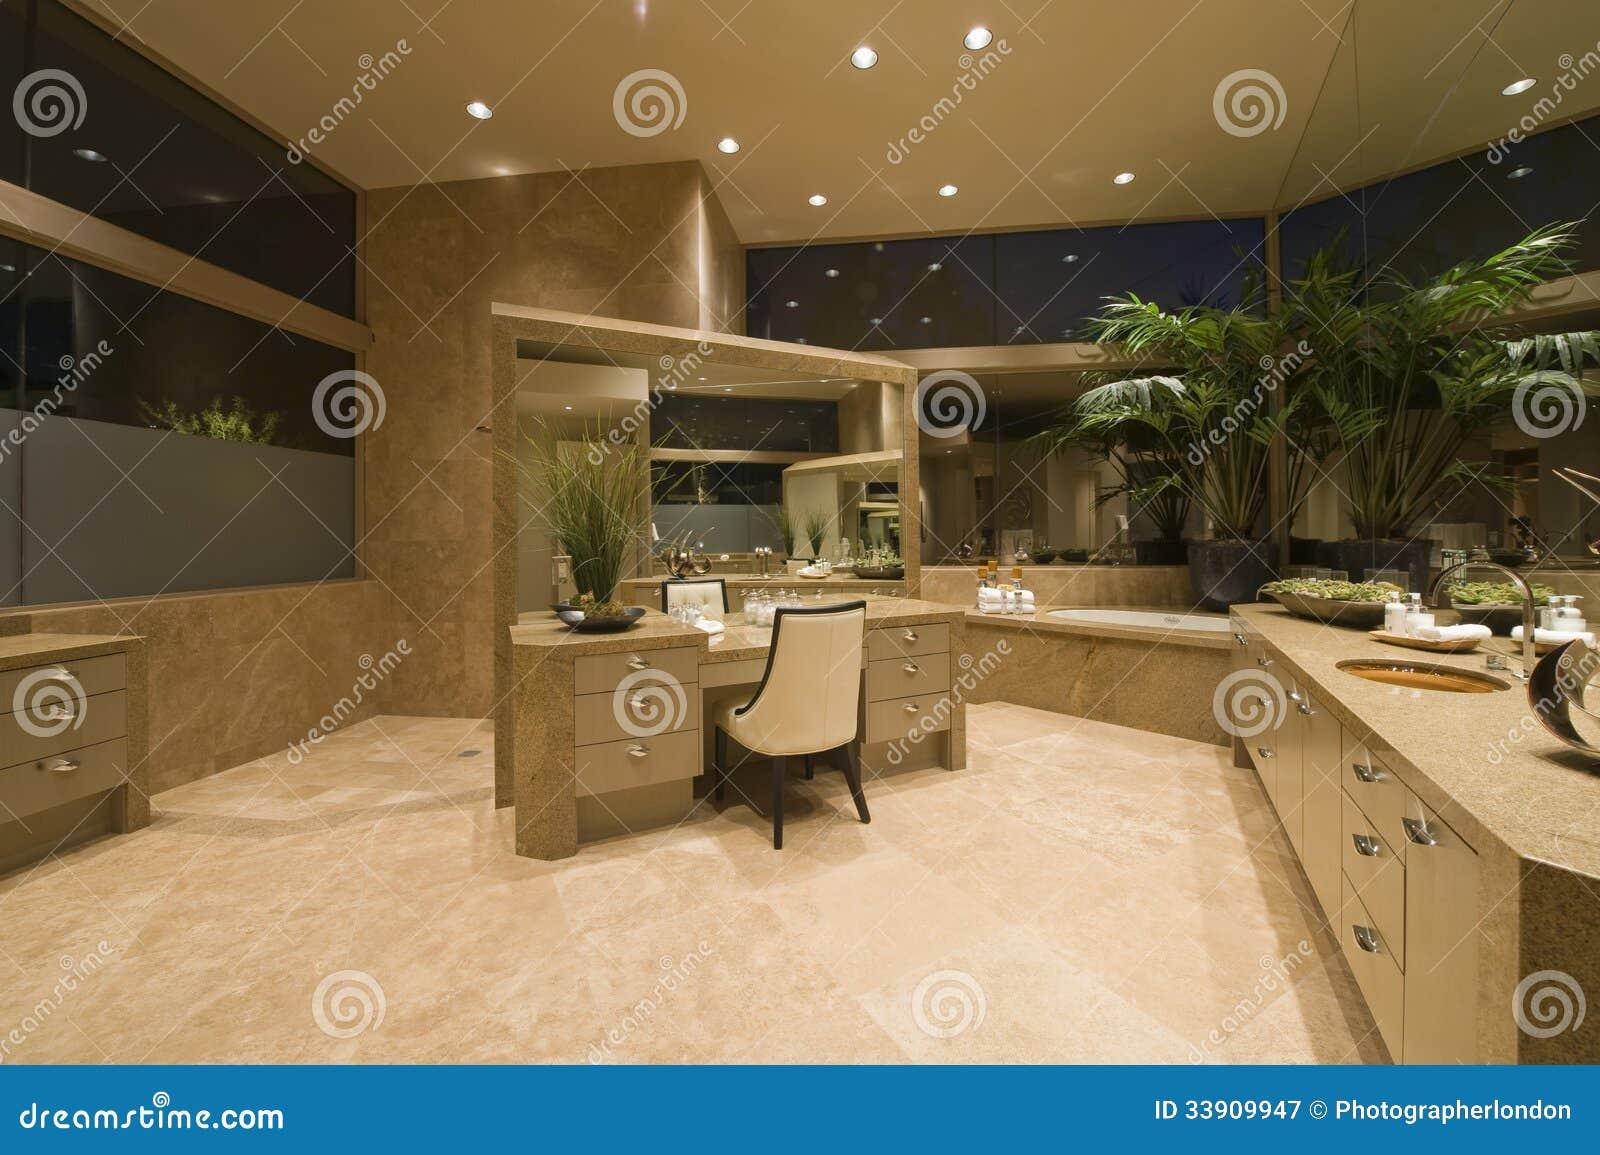 coiffeuse dans la salle de bains spacieuse photographie. Black Bedroom Furniture Sets. Home Design Ideas